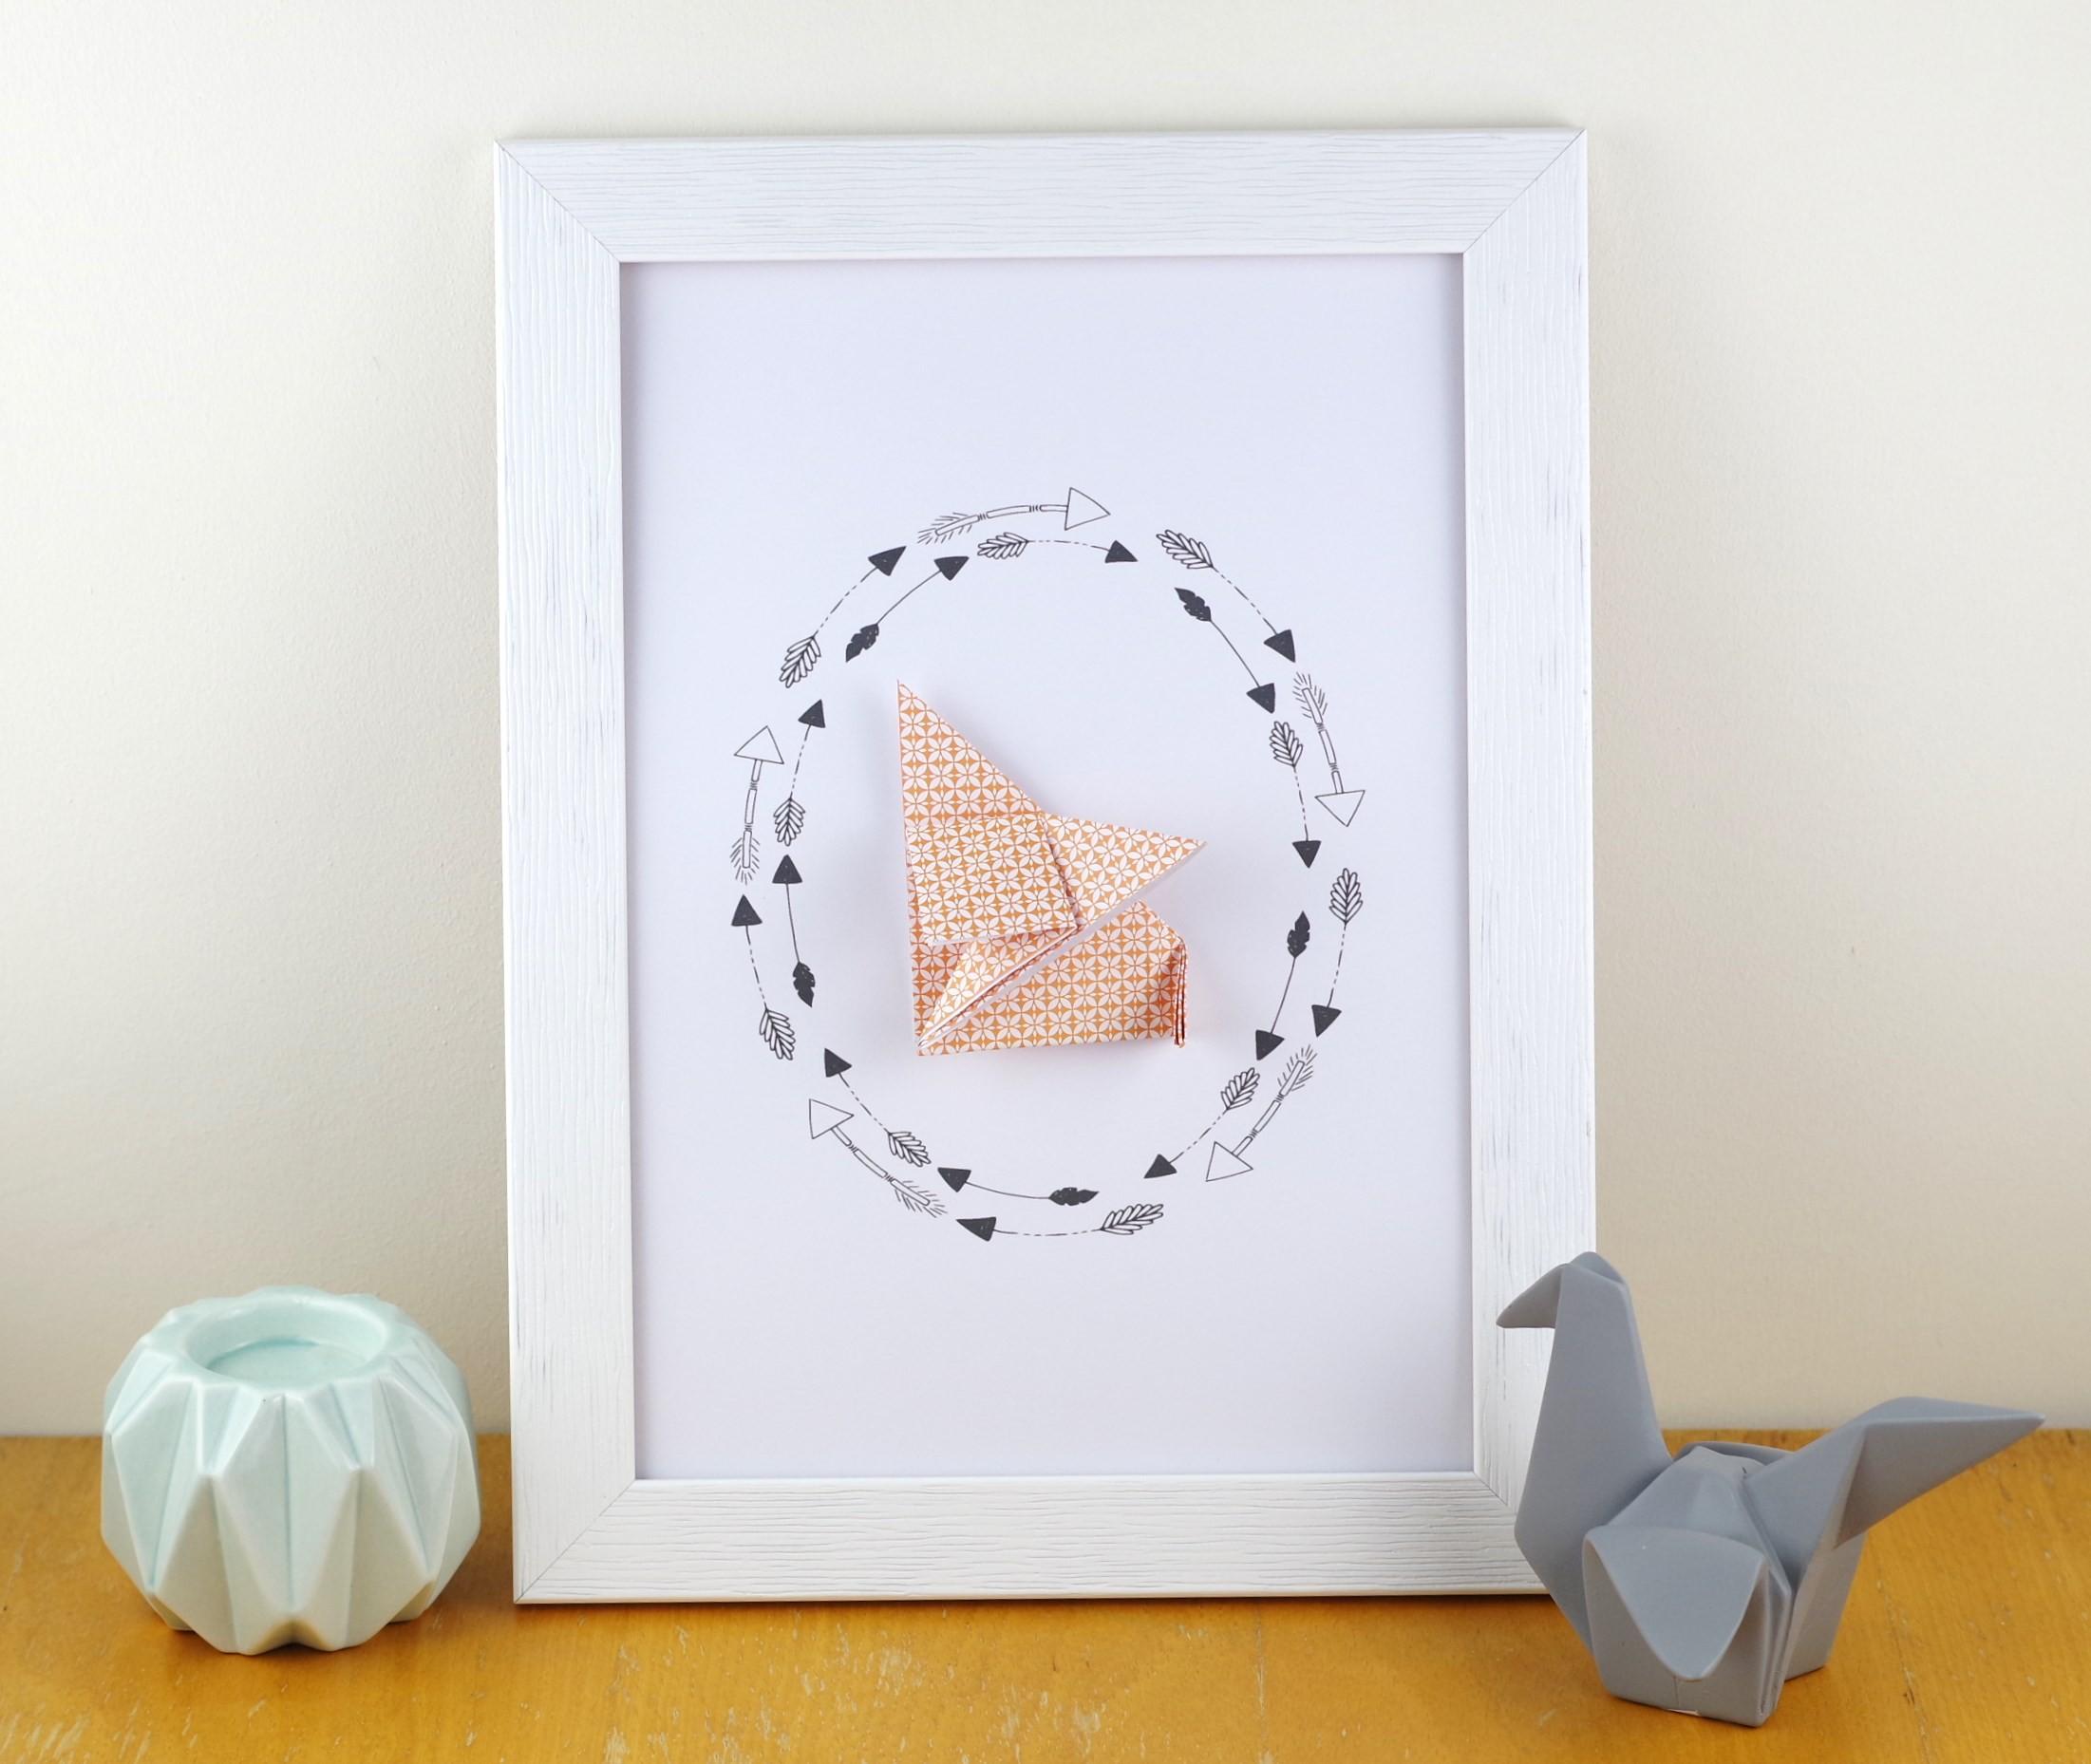 Affiche A4 A Motif Graphique Renard Orange  En Origami Decoration Murale Pour Chambre Bebe Fille